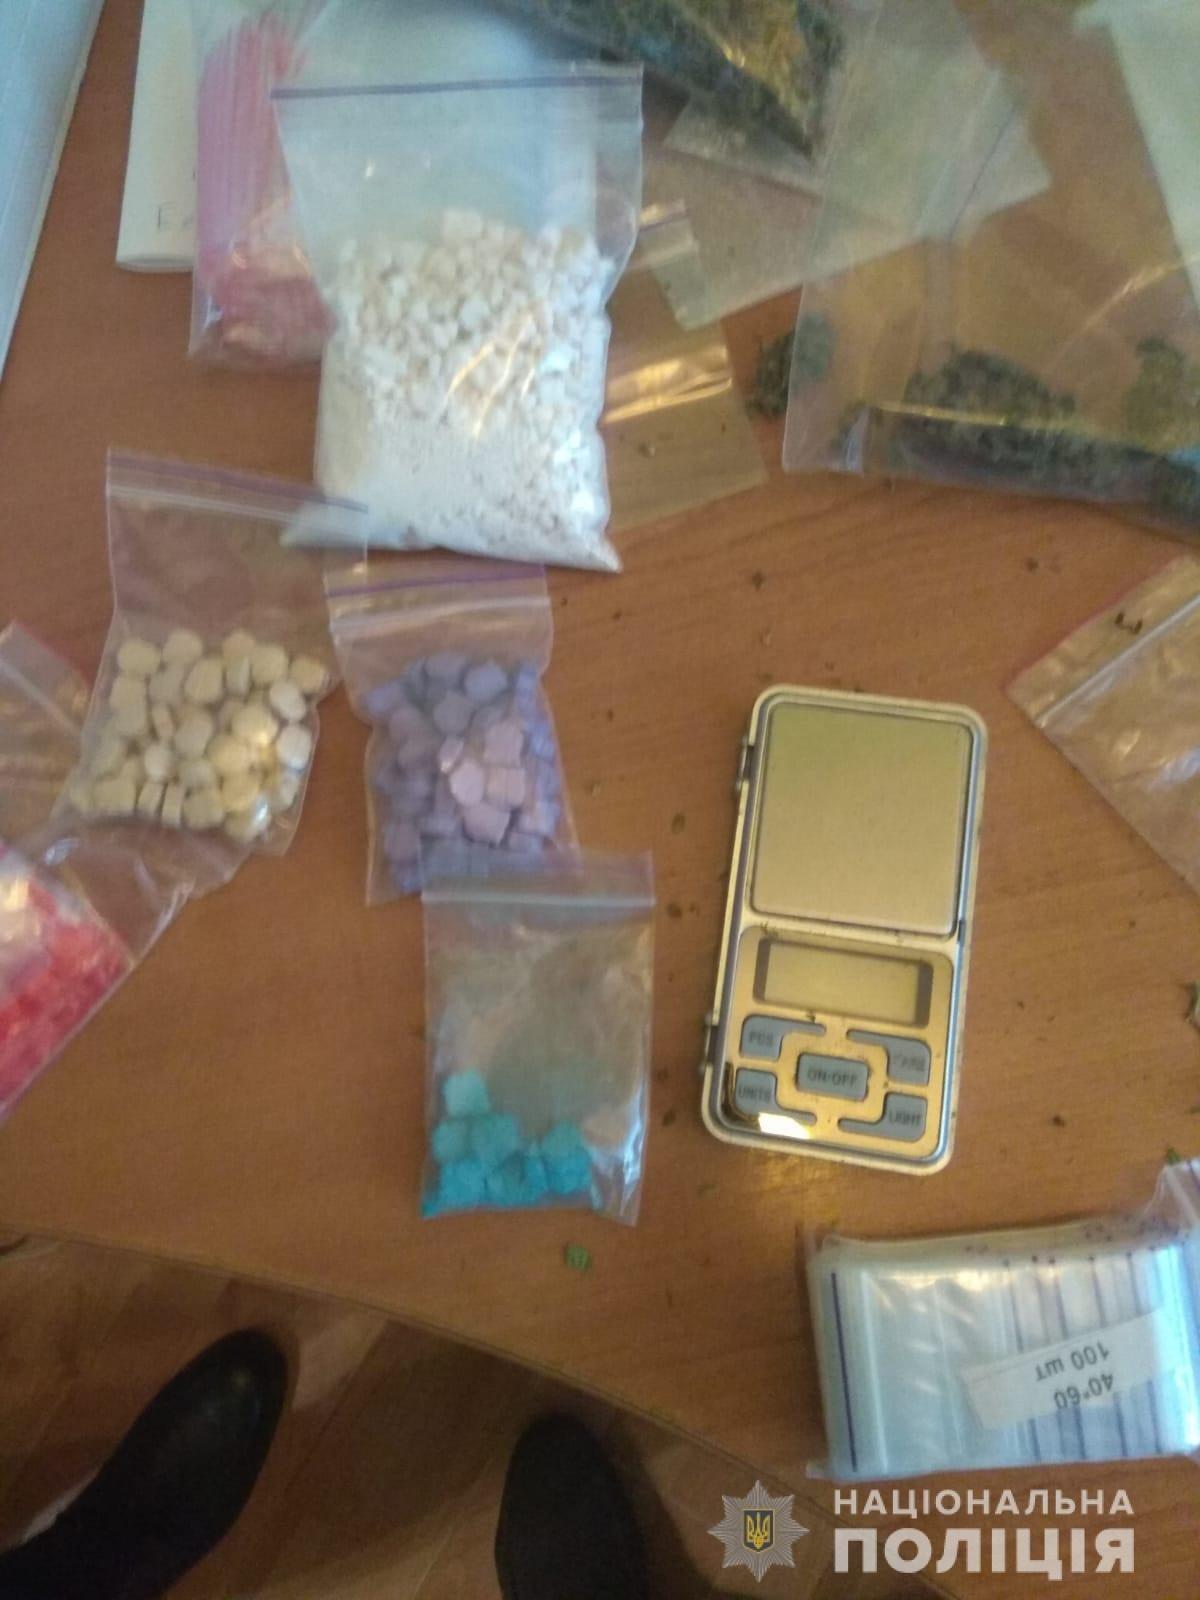 В Харькове разоблачили наркоторговца, работавшего на интернет-магазин, - ФОТО, фото-1